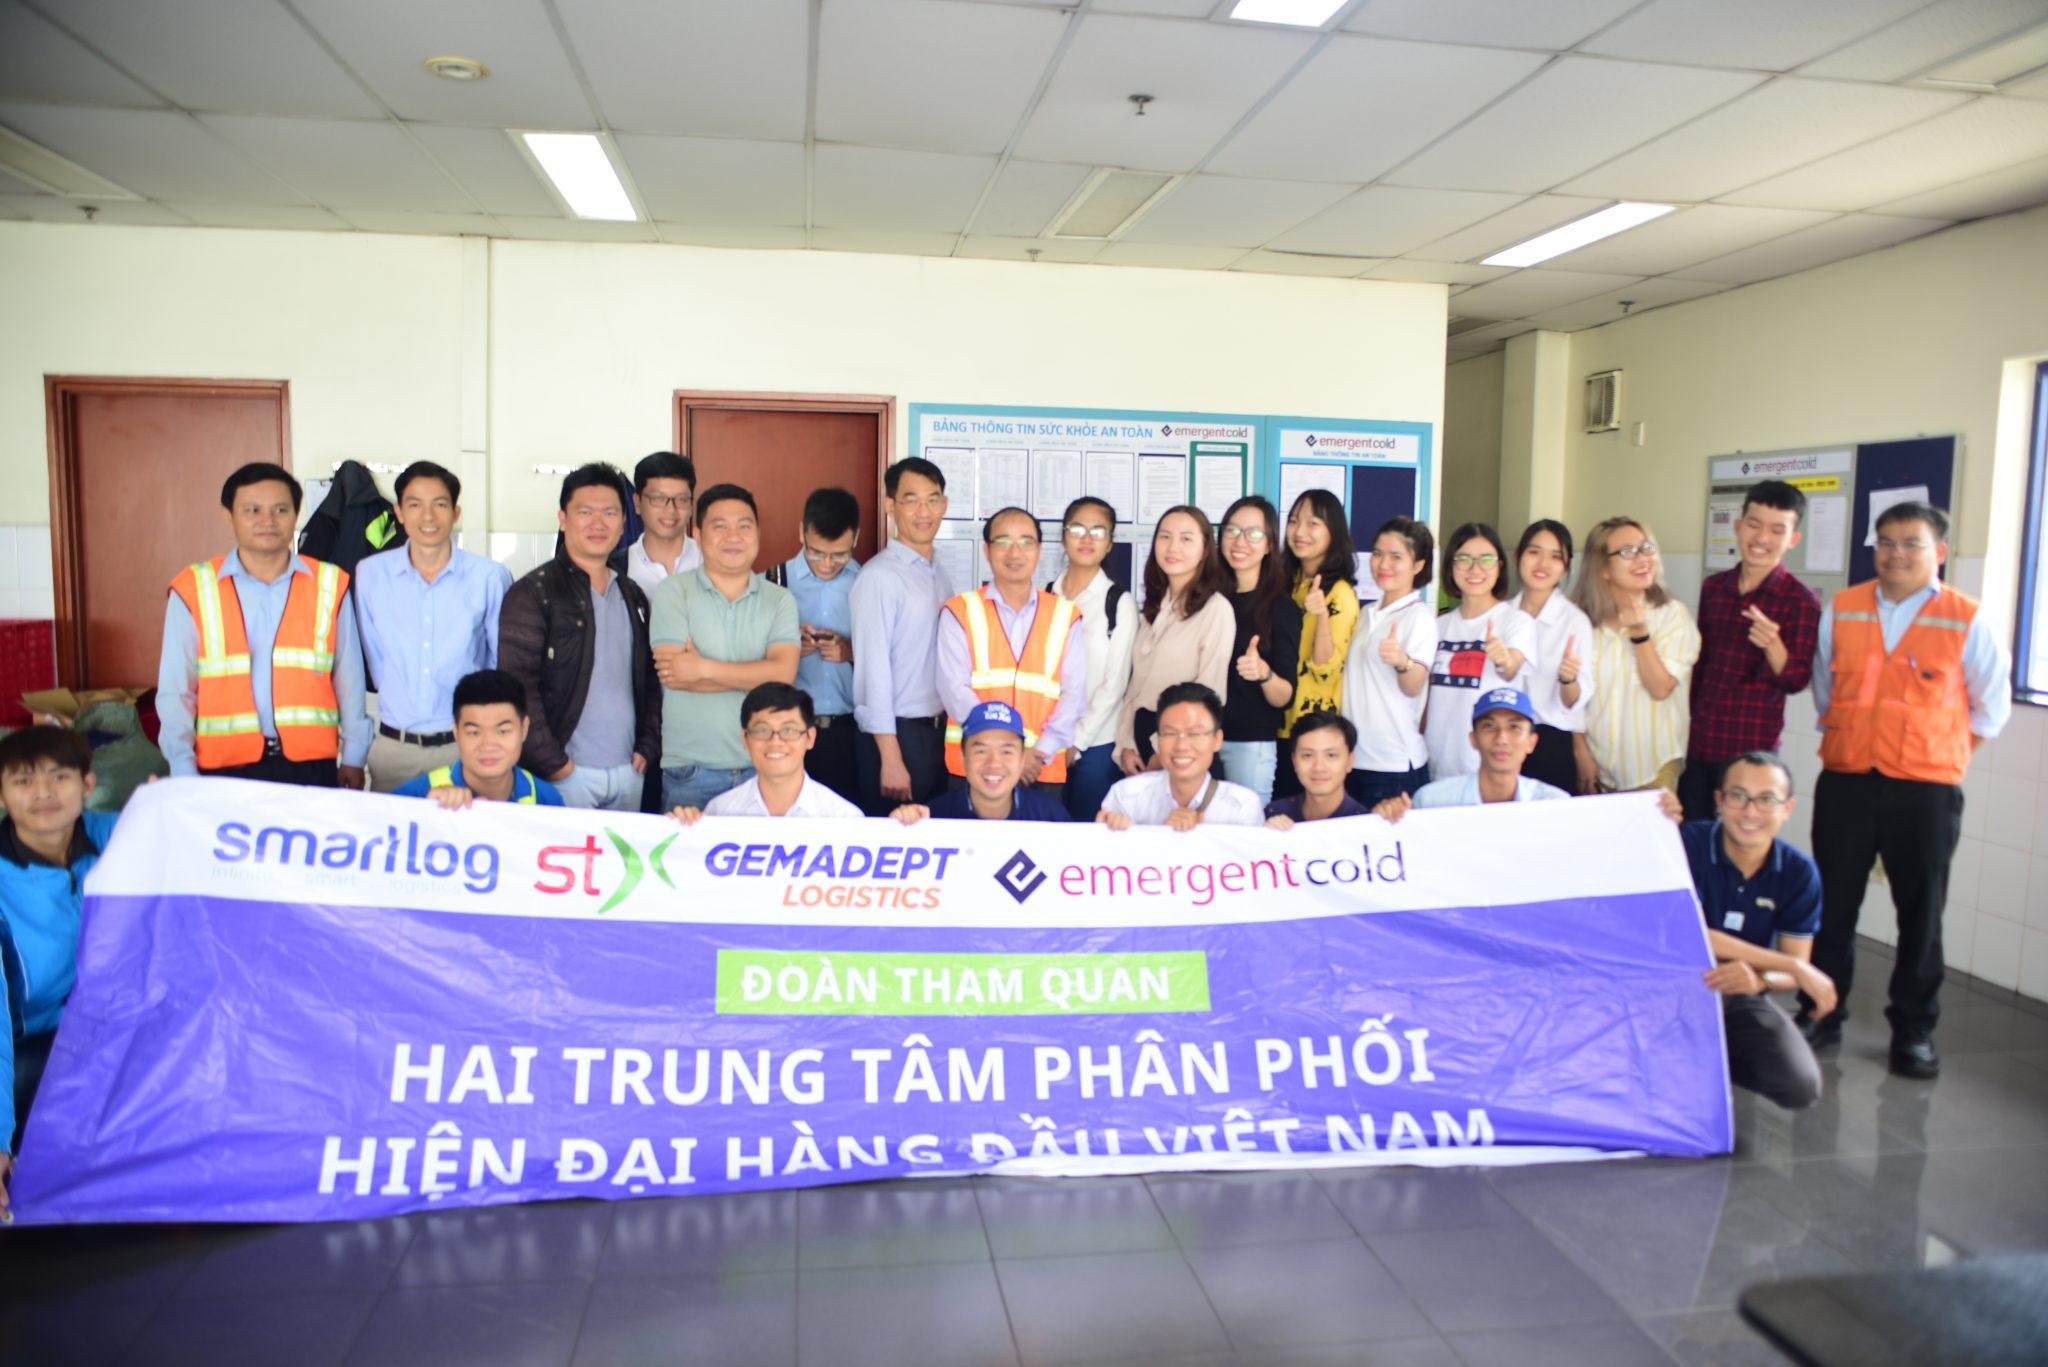 Distribution Warehouse Tour: Hai kho hàng – trung tâm phân phối hiện đại hàng đầu Việt Nam